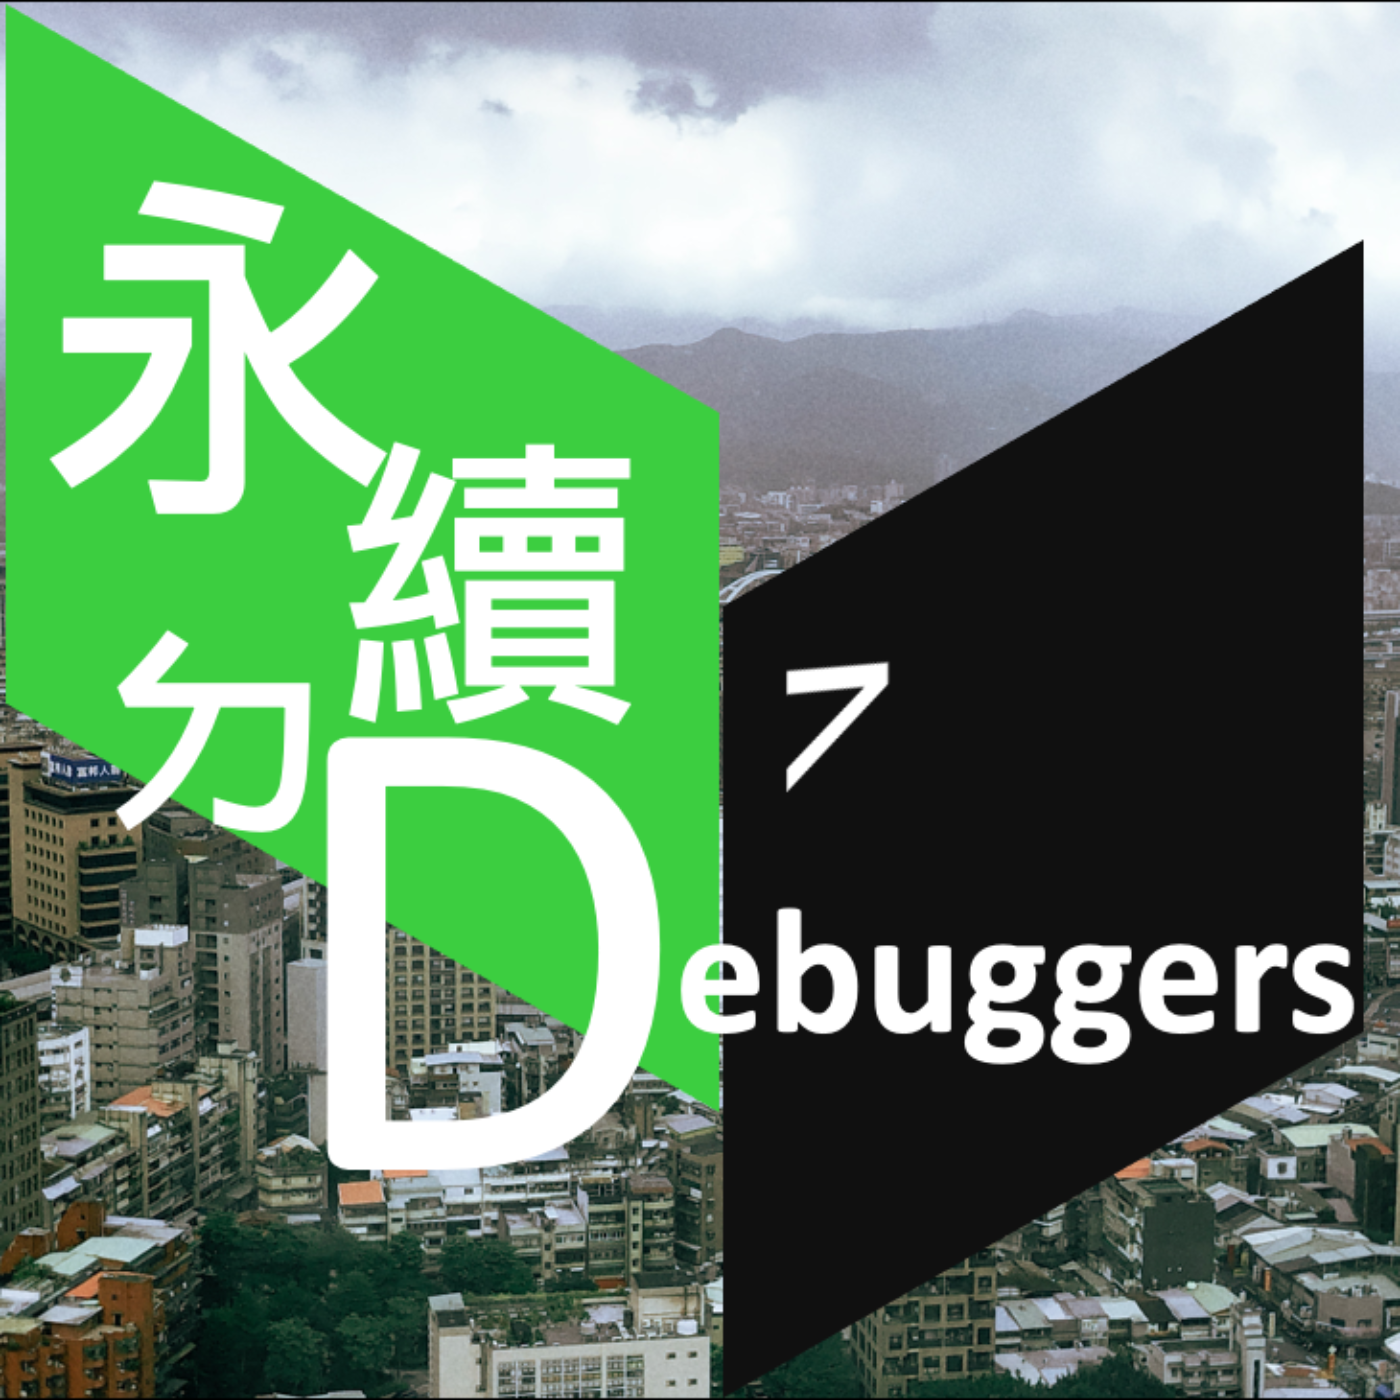 永續的debuggers